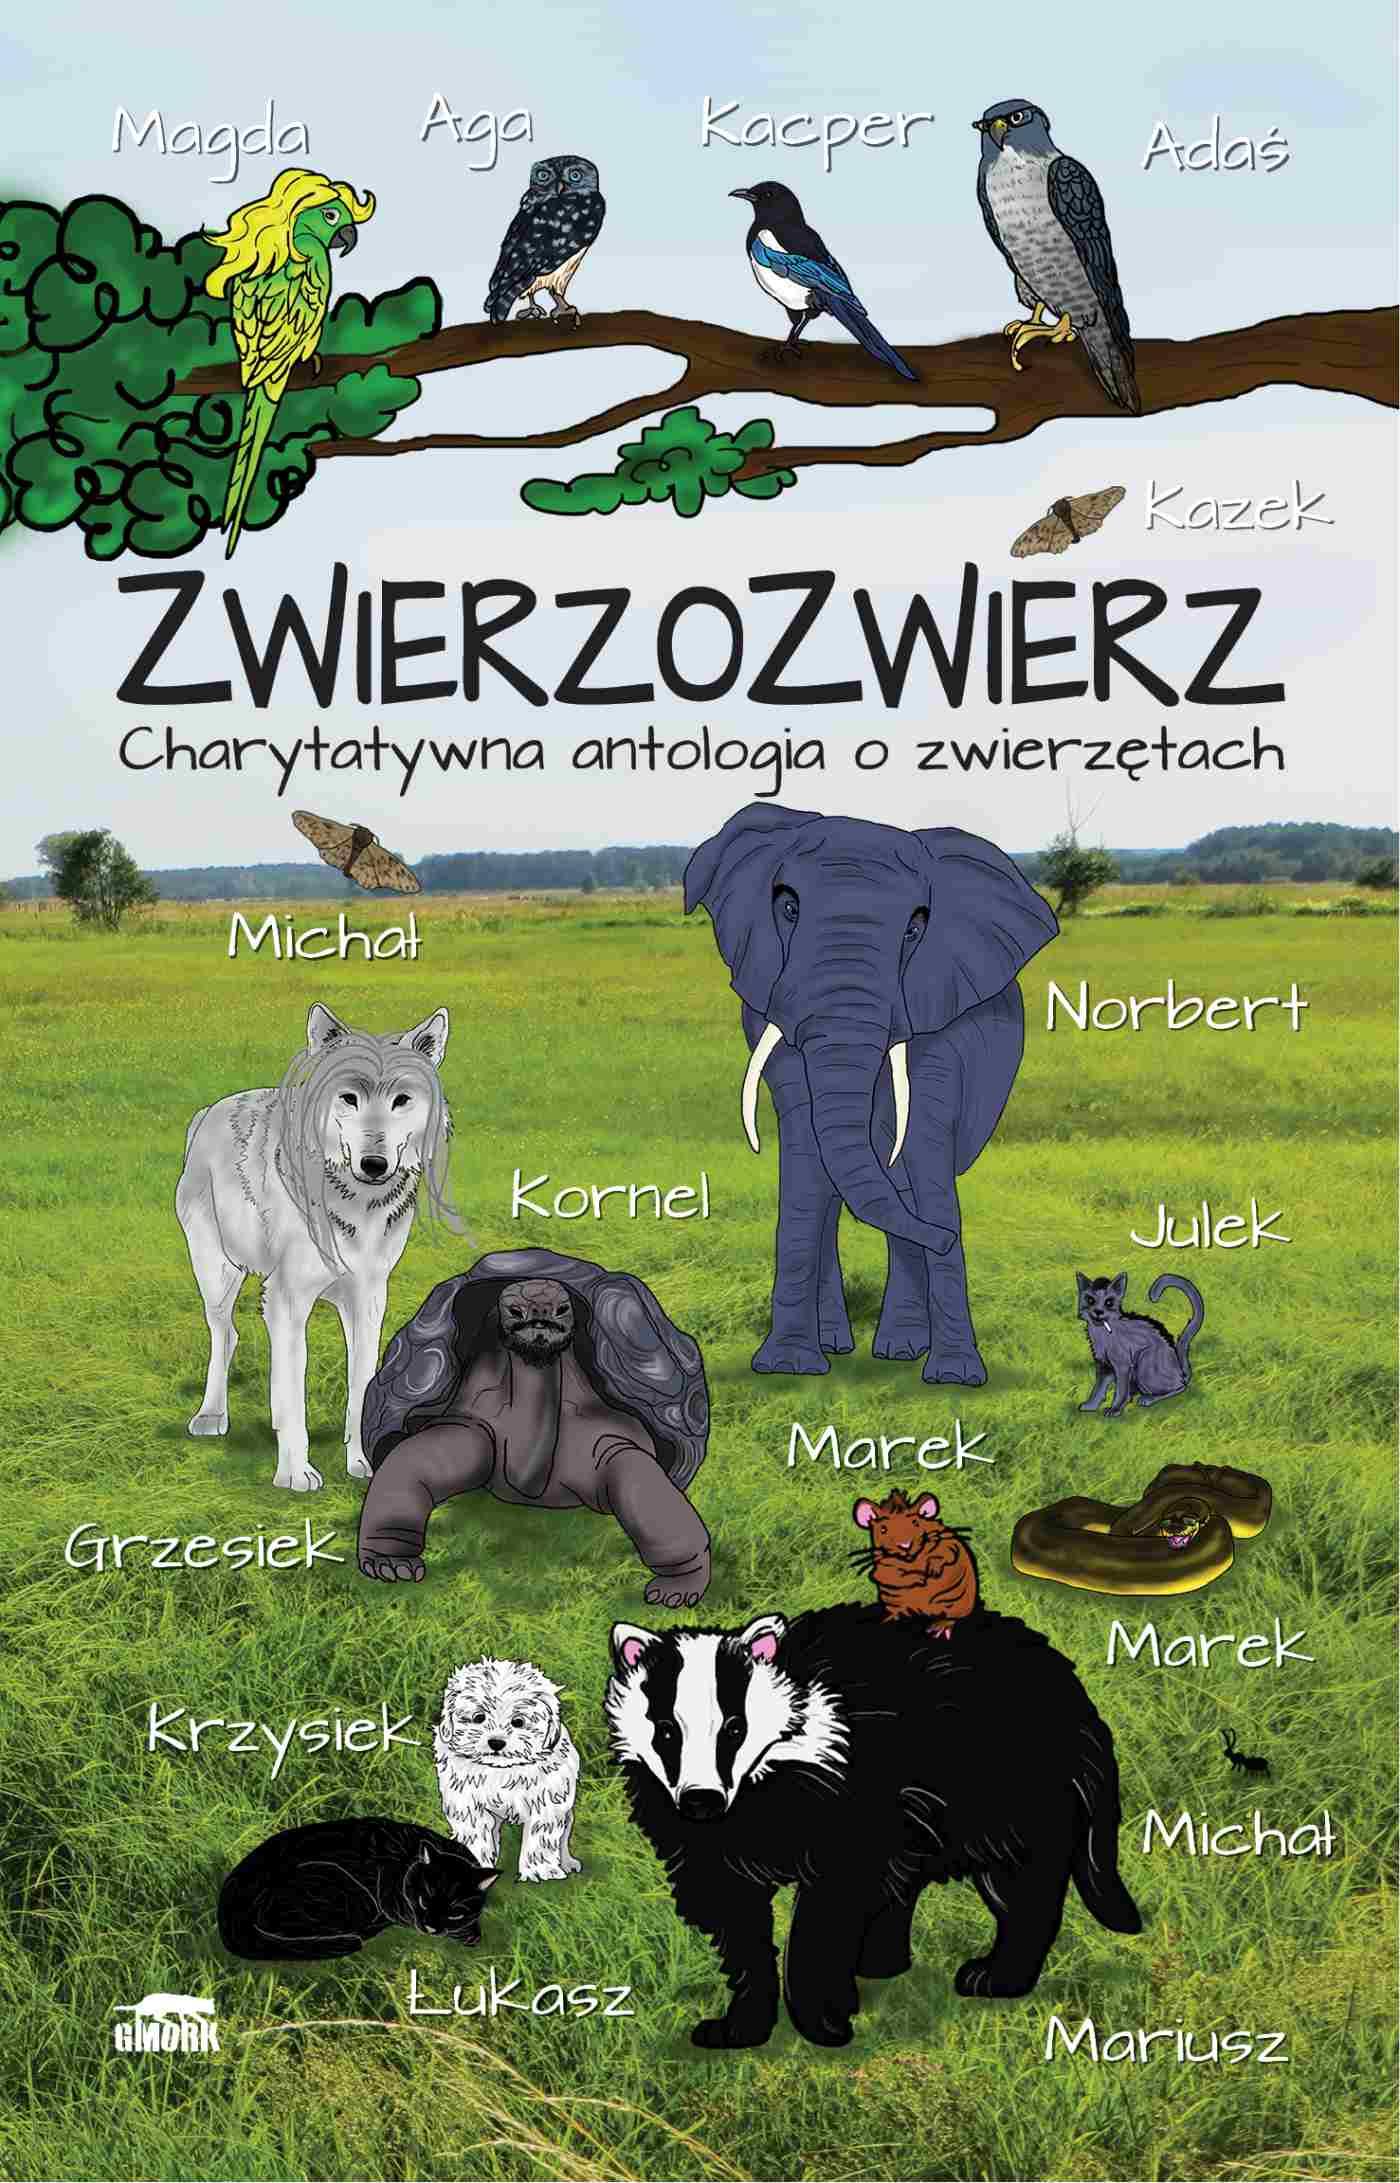 Zwierzozwierz. Charytatywna antologia o zwierzętach - Ebook (Książka na Kindle) do pobrania w formacie MOBI